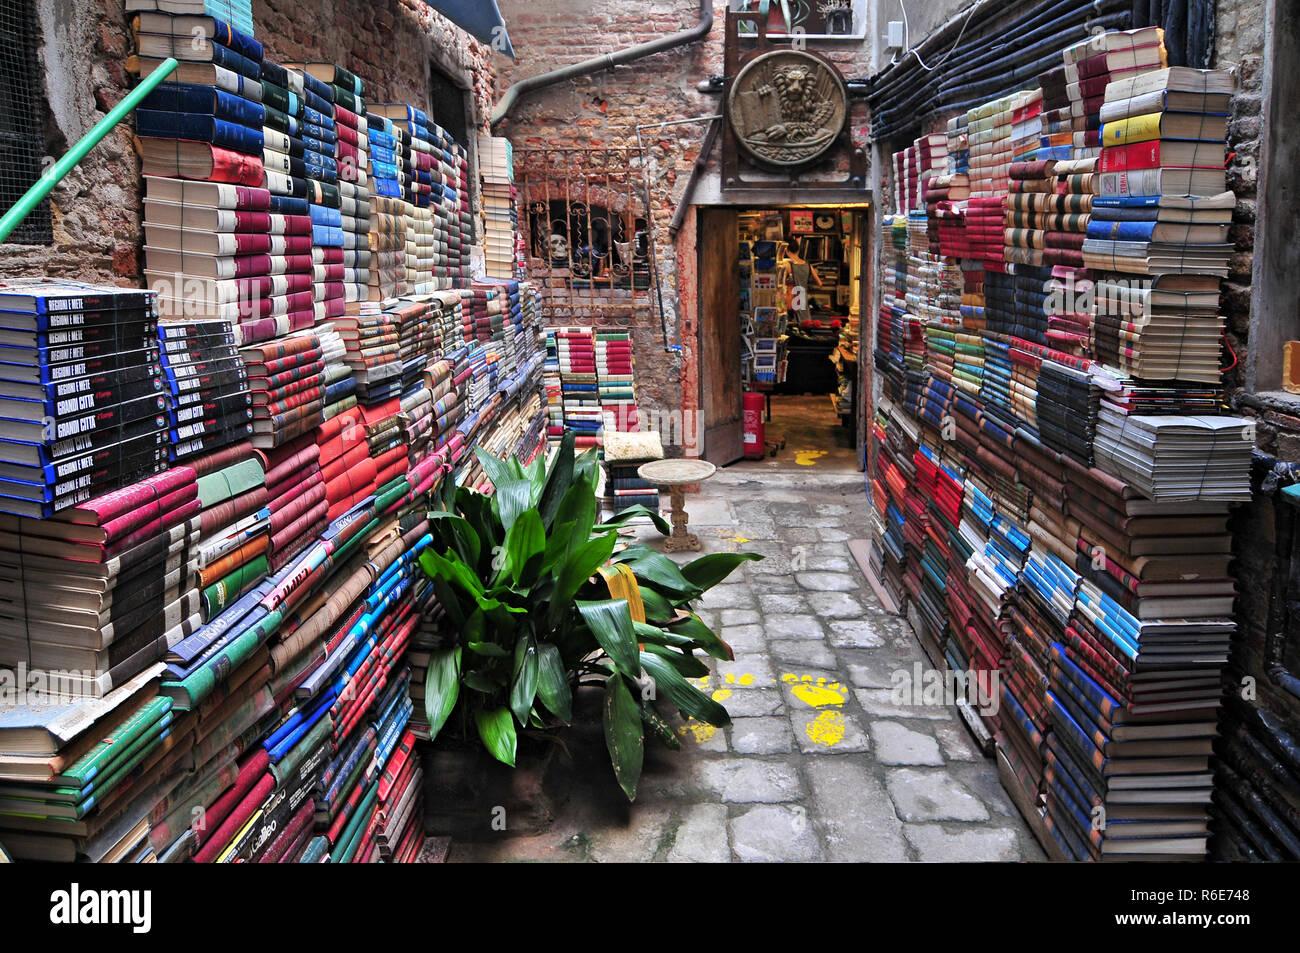 9f617c0b2645f I libri sono in vendita in una libreria di seconda mano a Venezia ...